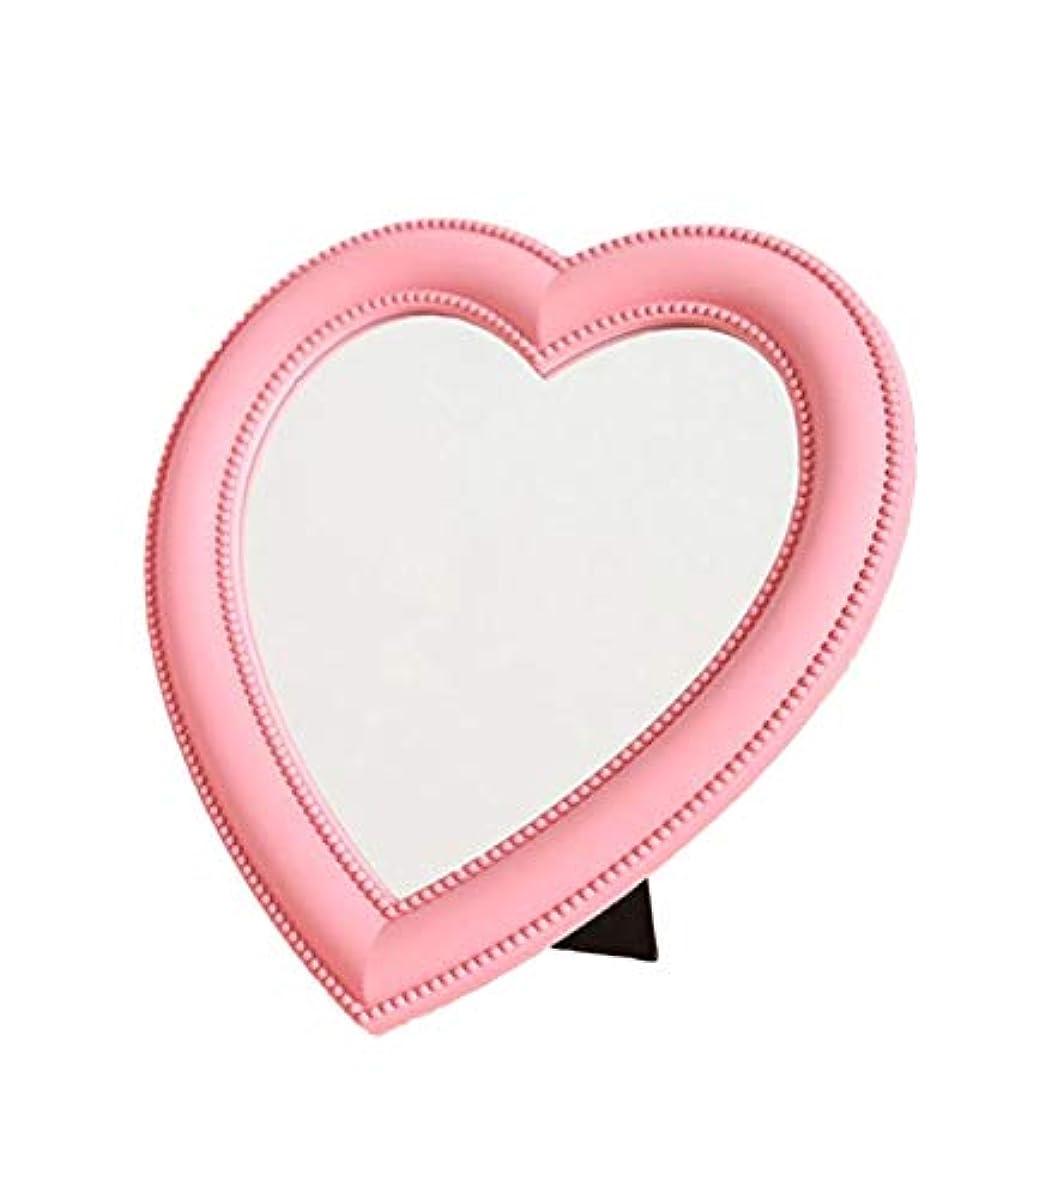 不正直楽しませる部族[ワズチヨ] 卓上 スタンド ミラー 鏡 ハート 型 デスクトップメイクアップミラー インテリア 壁 掛け 女の子 化粧 メイク アップ コンパクト プレゼント (ピンク)